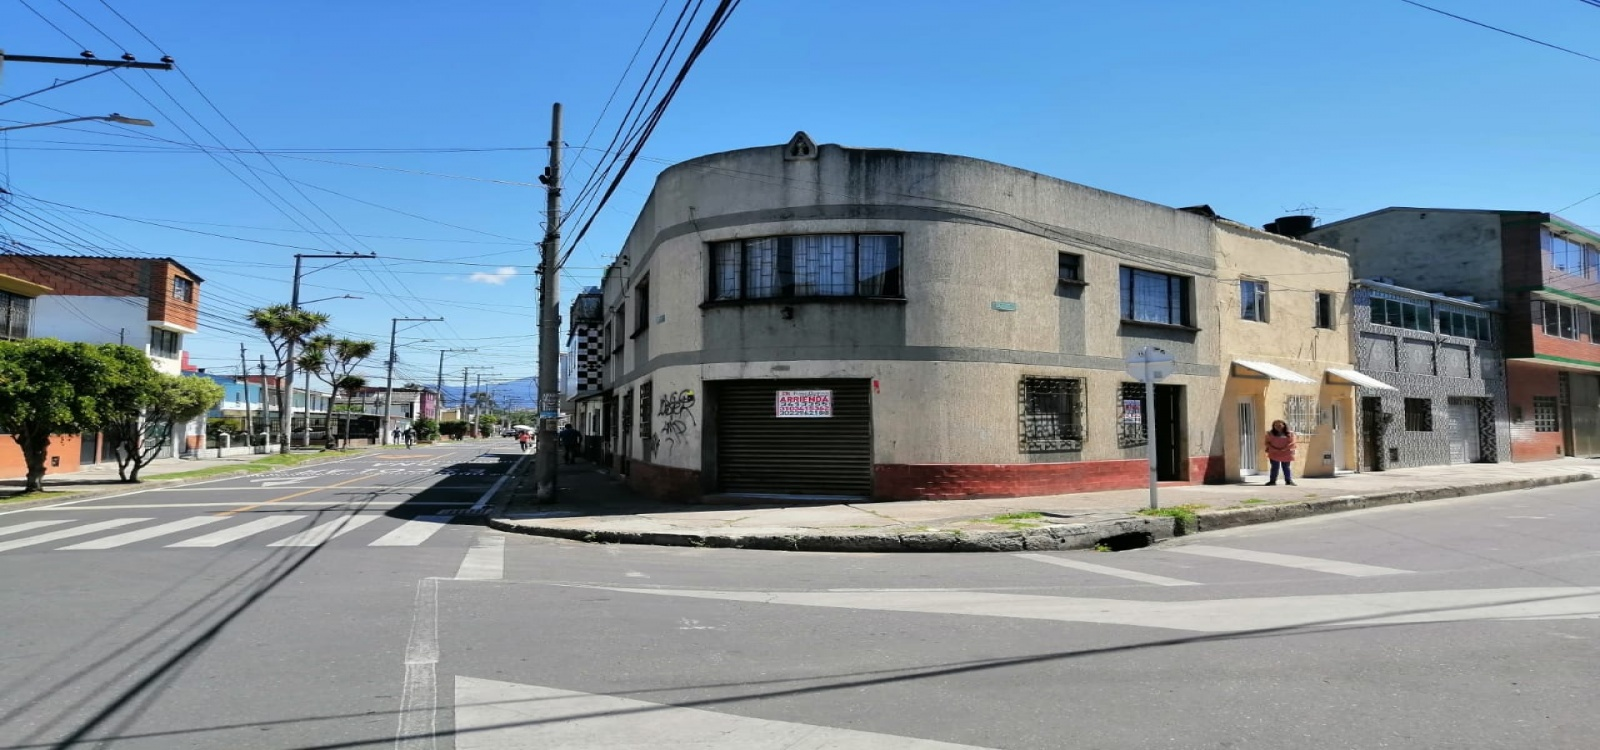 17 b 34 sur 29 b, Bogotá, Sur, La Fragua, 1 Habitación Habitaciones,2 BathroomsBathrooms,Locales,Arriendo,29 b ,2445